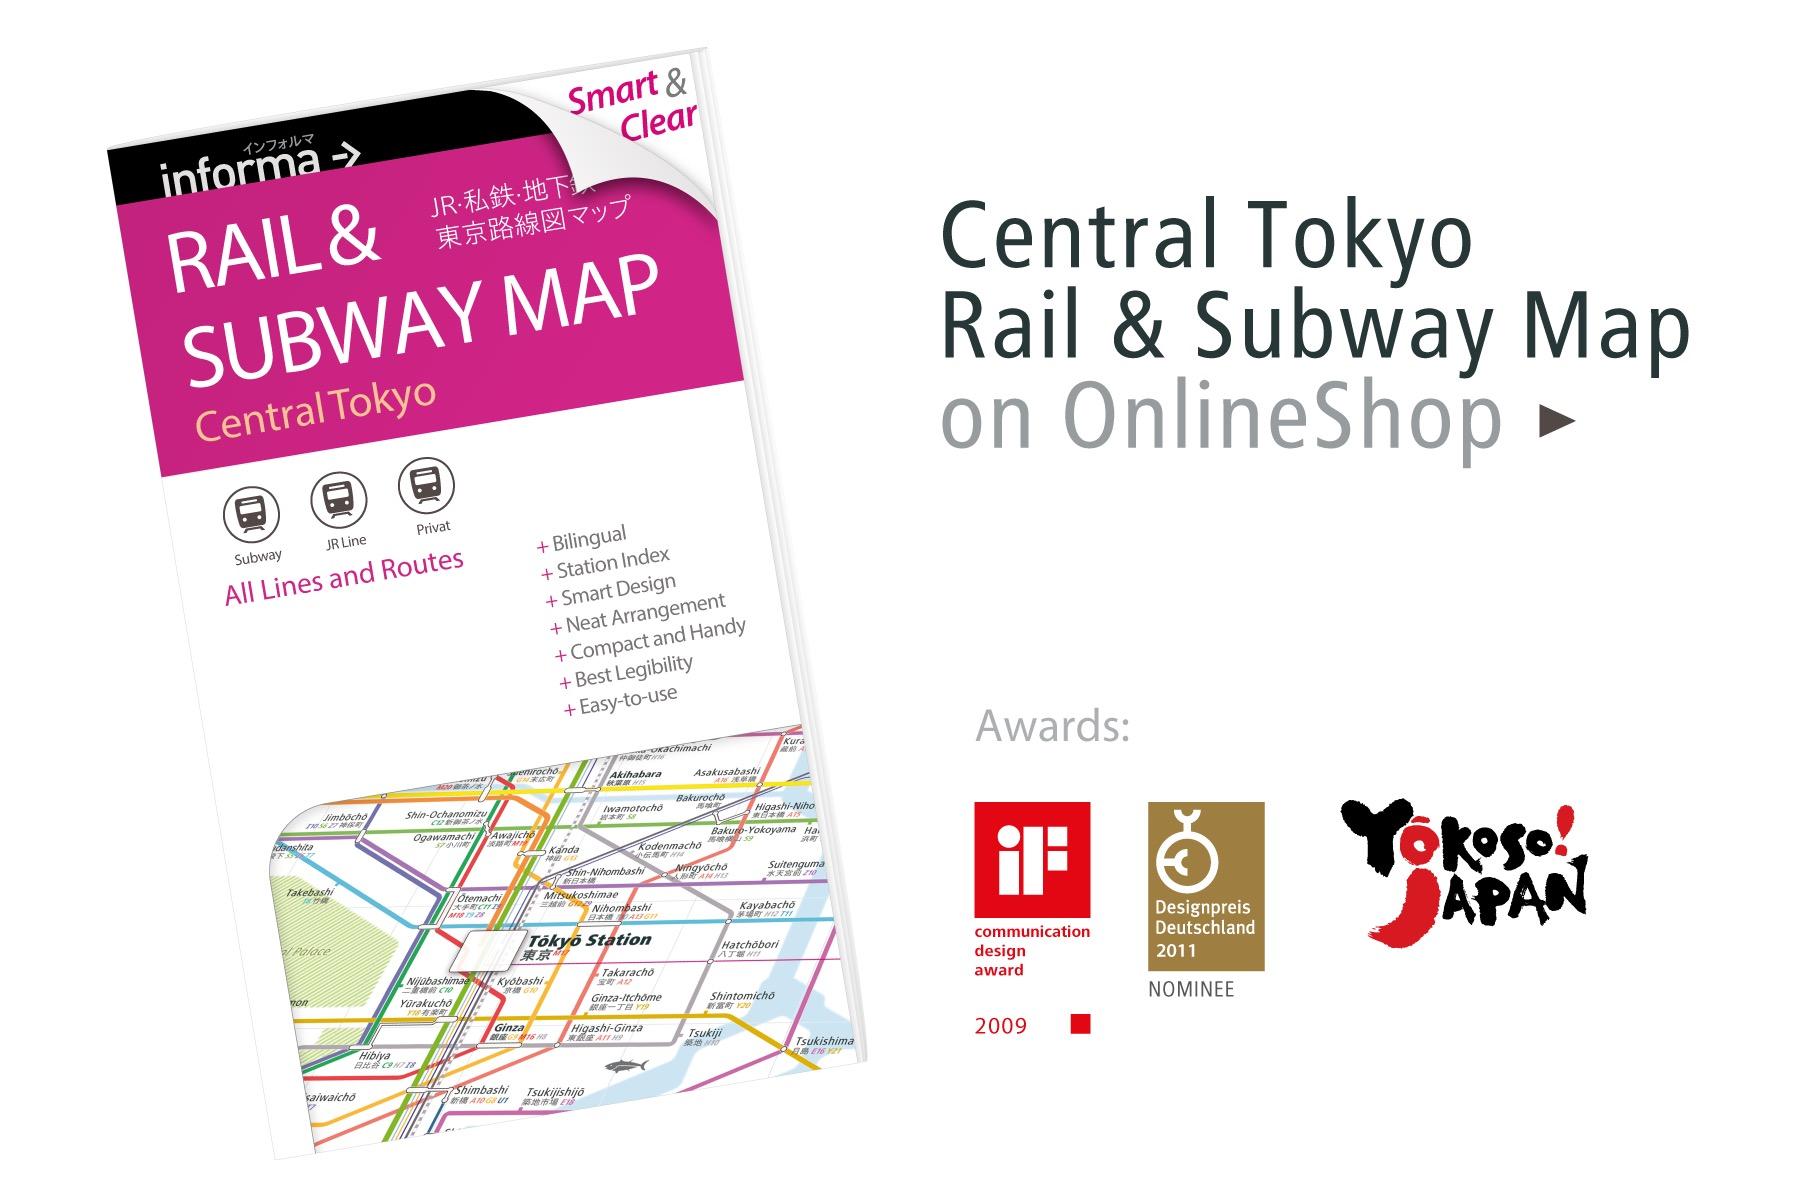 Central Tokyo Rail & Subway Map